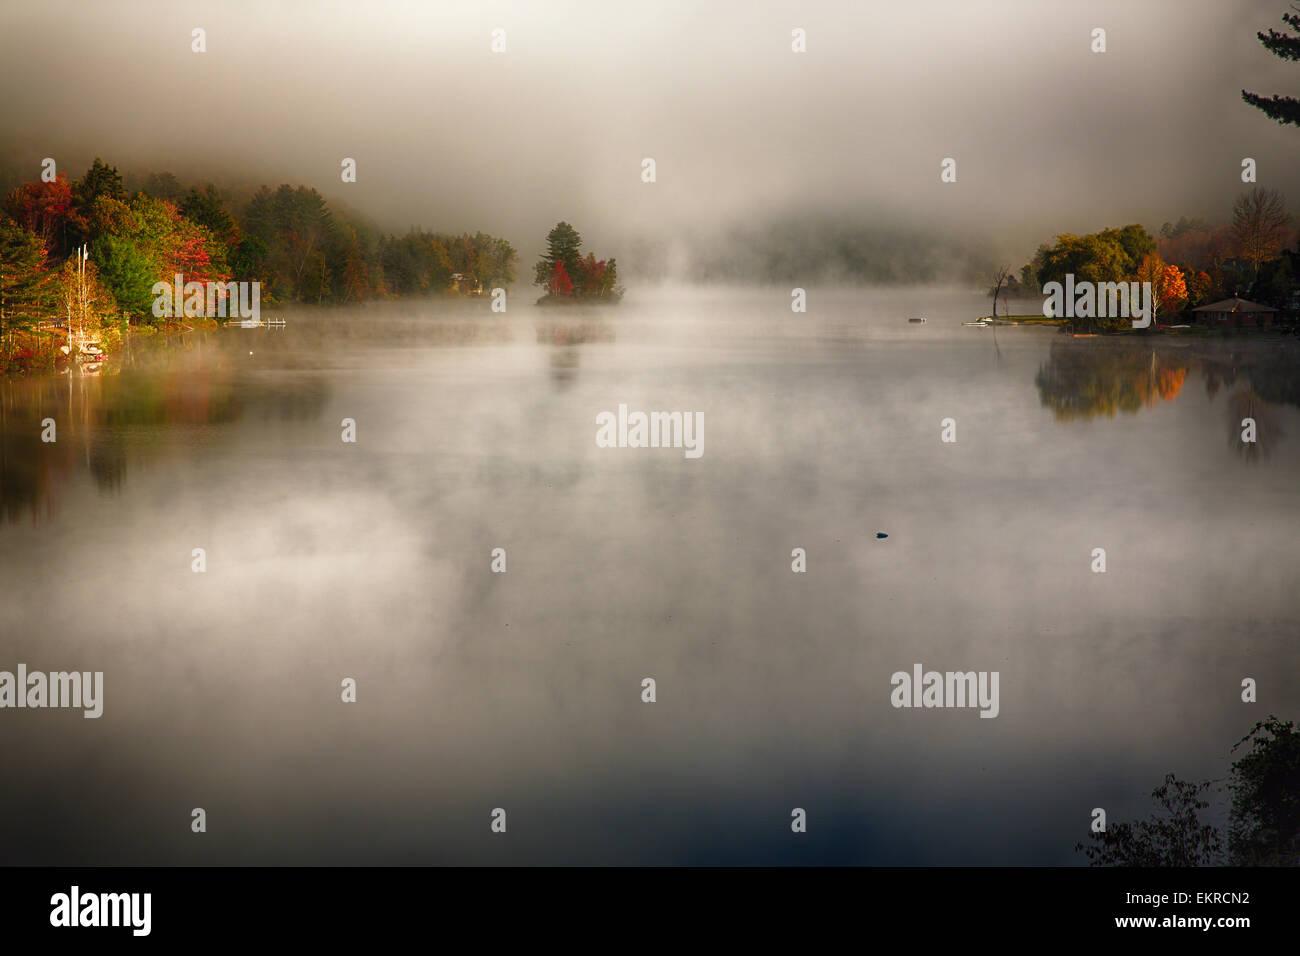 Portrait d'un lac avec le brouillard du matin au cours de l'automne, Knapp Brook Pond, Vermont Photo Stock